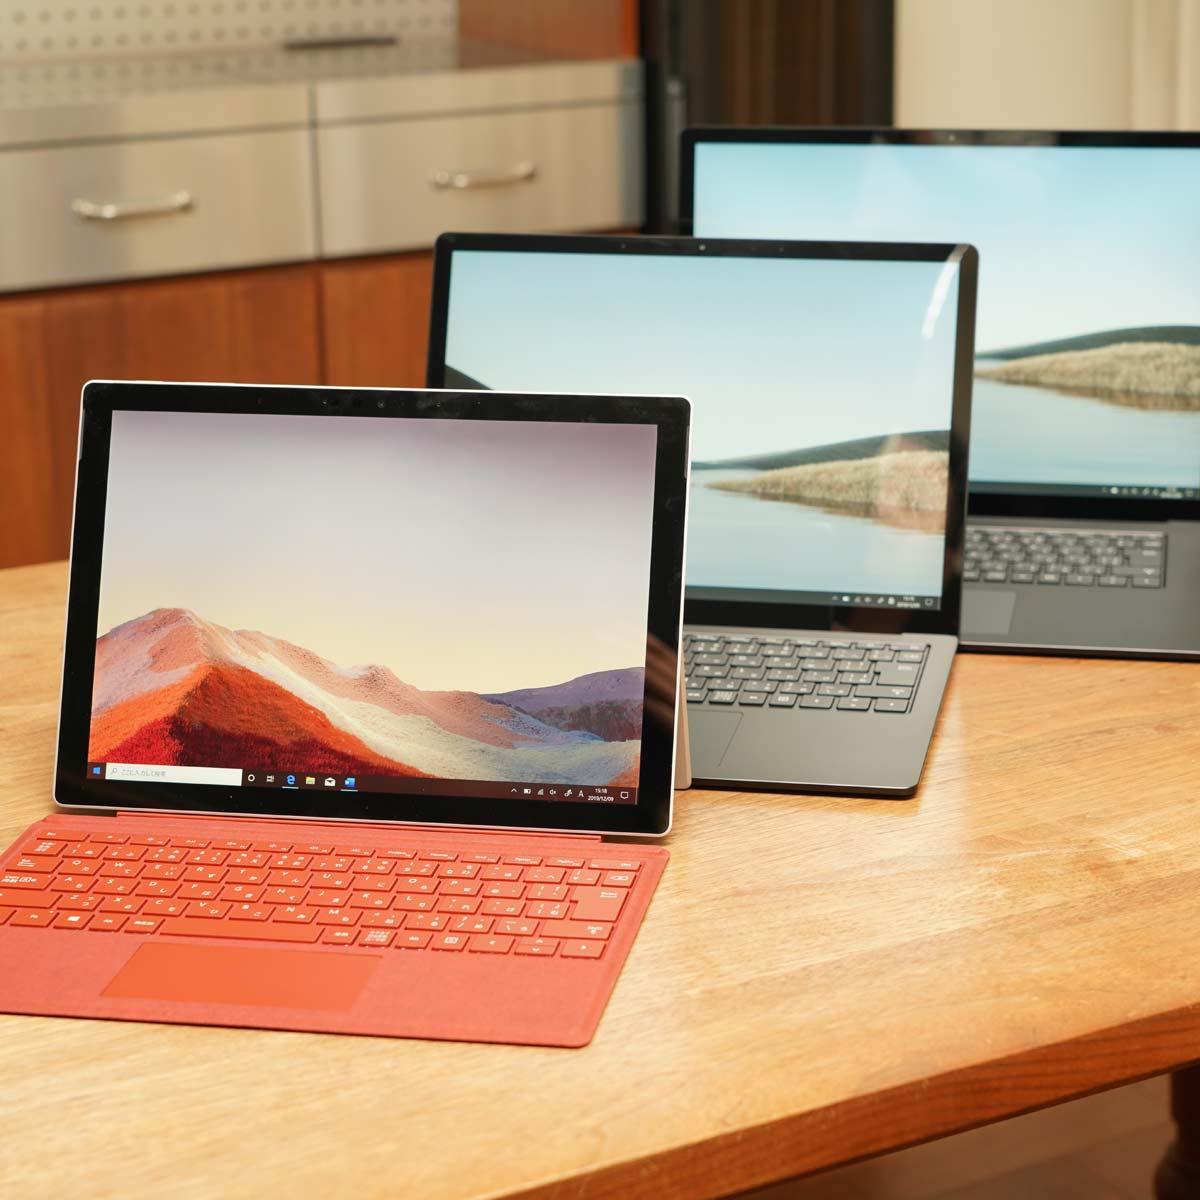 最新の「Surface」3台を動画で一気レビュー! 性能は? 携帯性は? 使い勝手は?